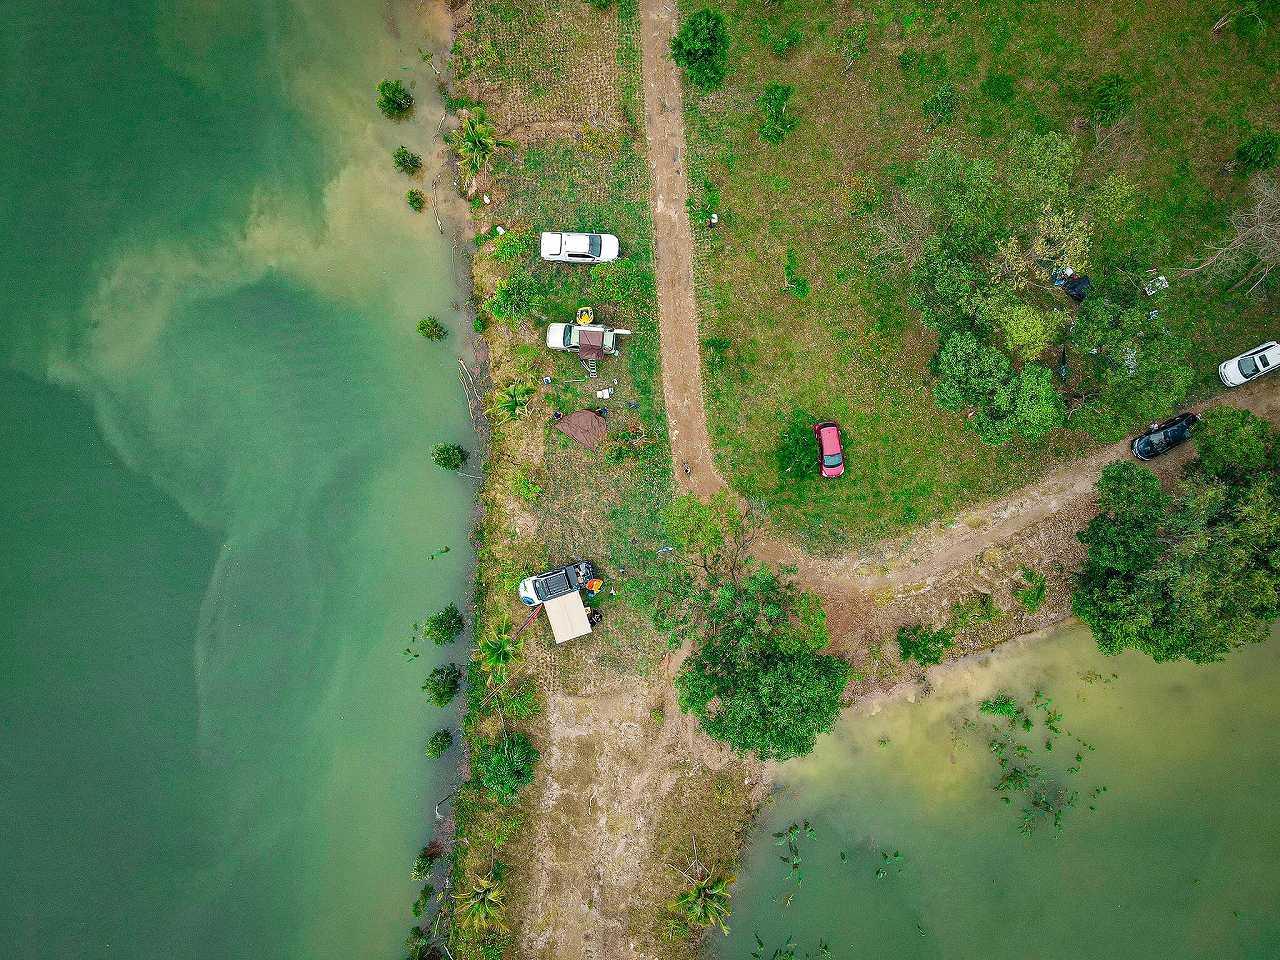 địa điểm cắm trại tuyệt đẹp ở hồ Đồng Mô